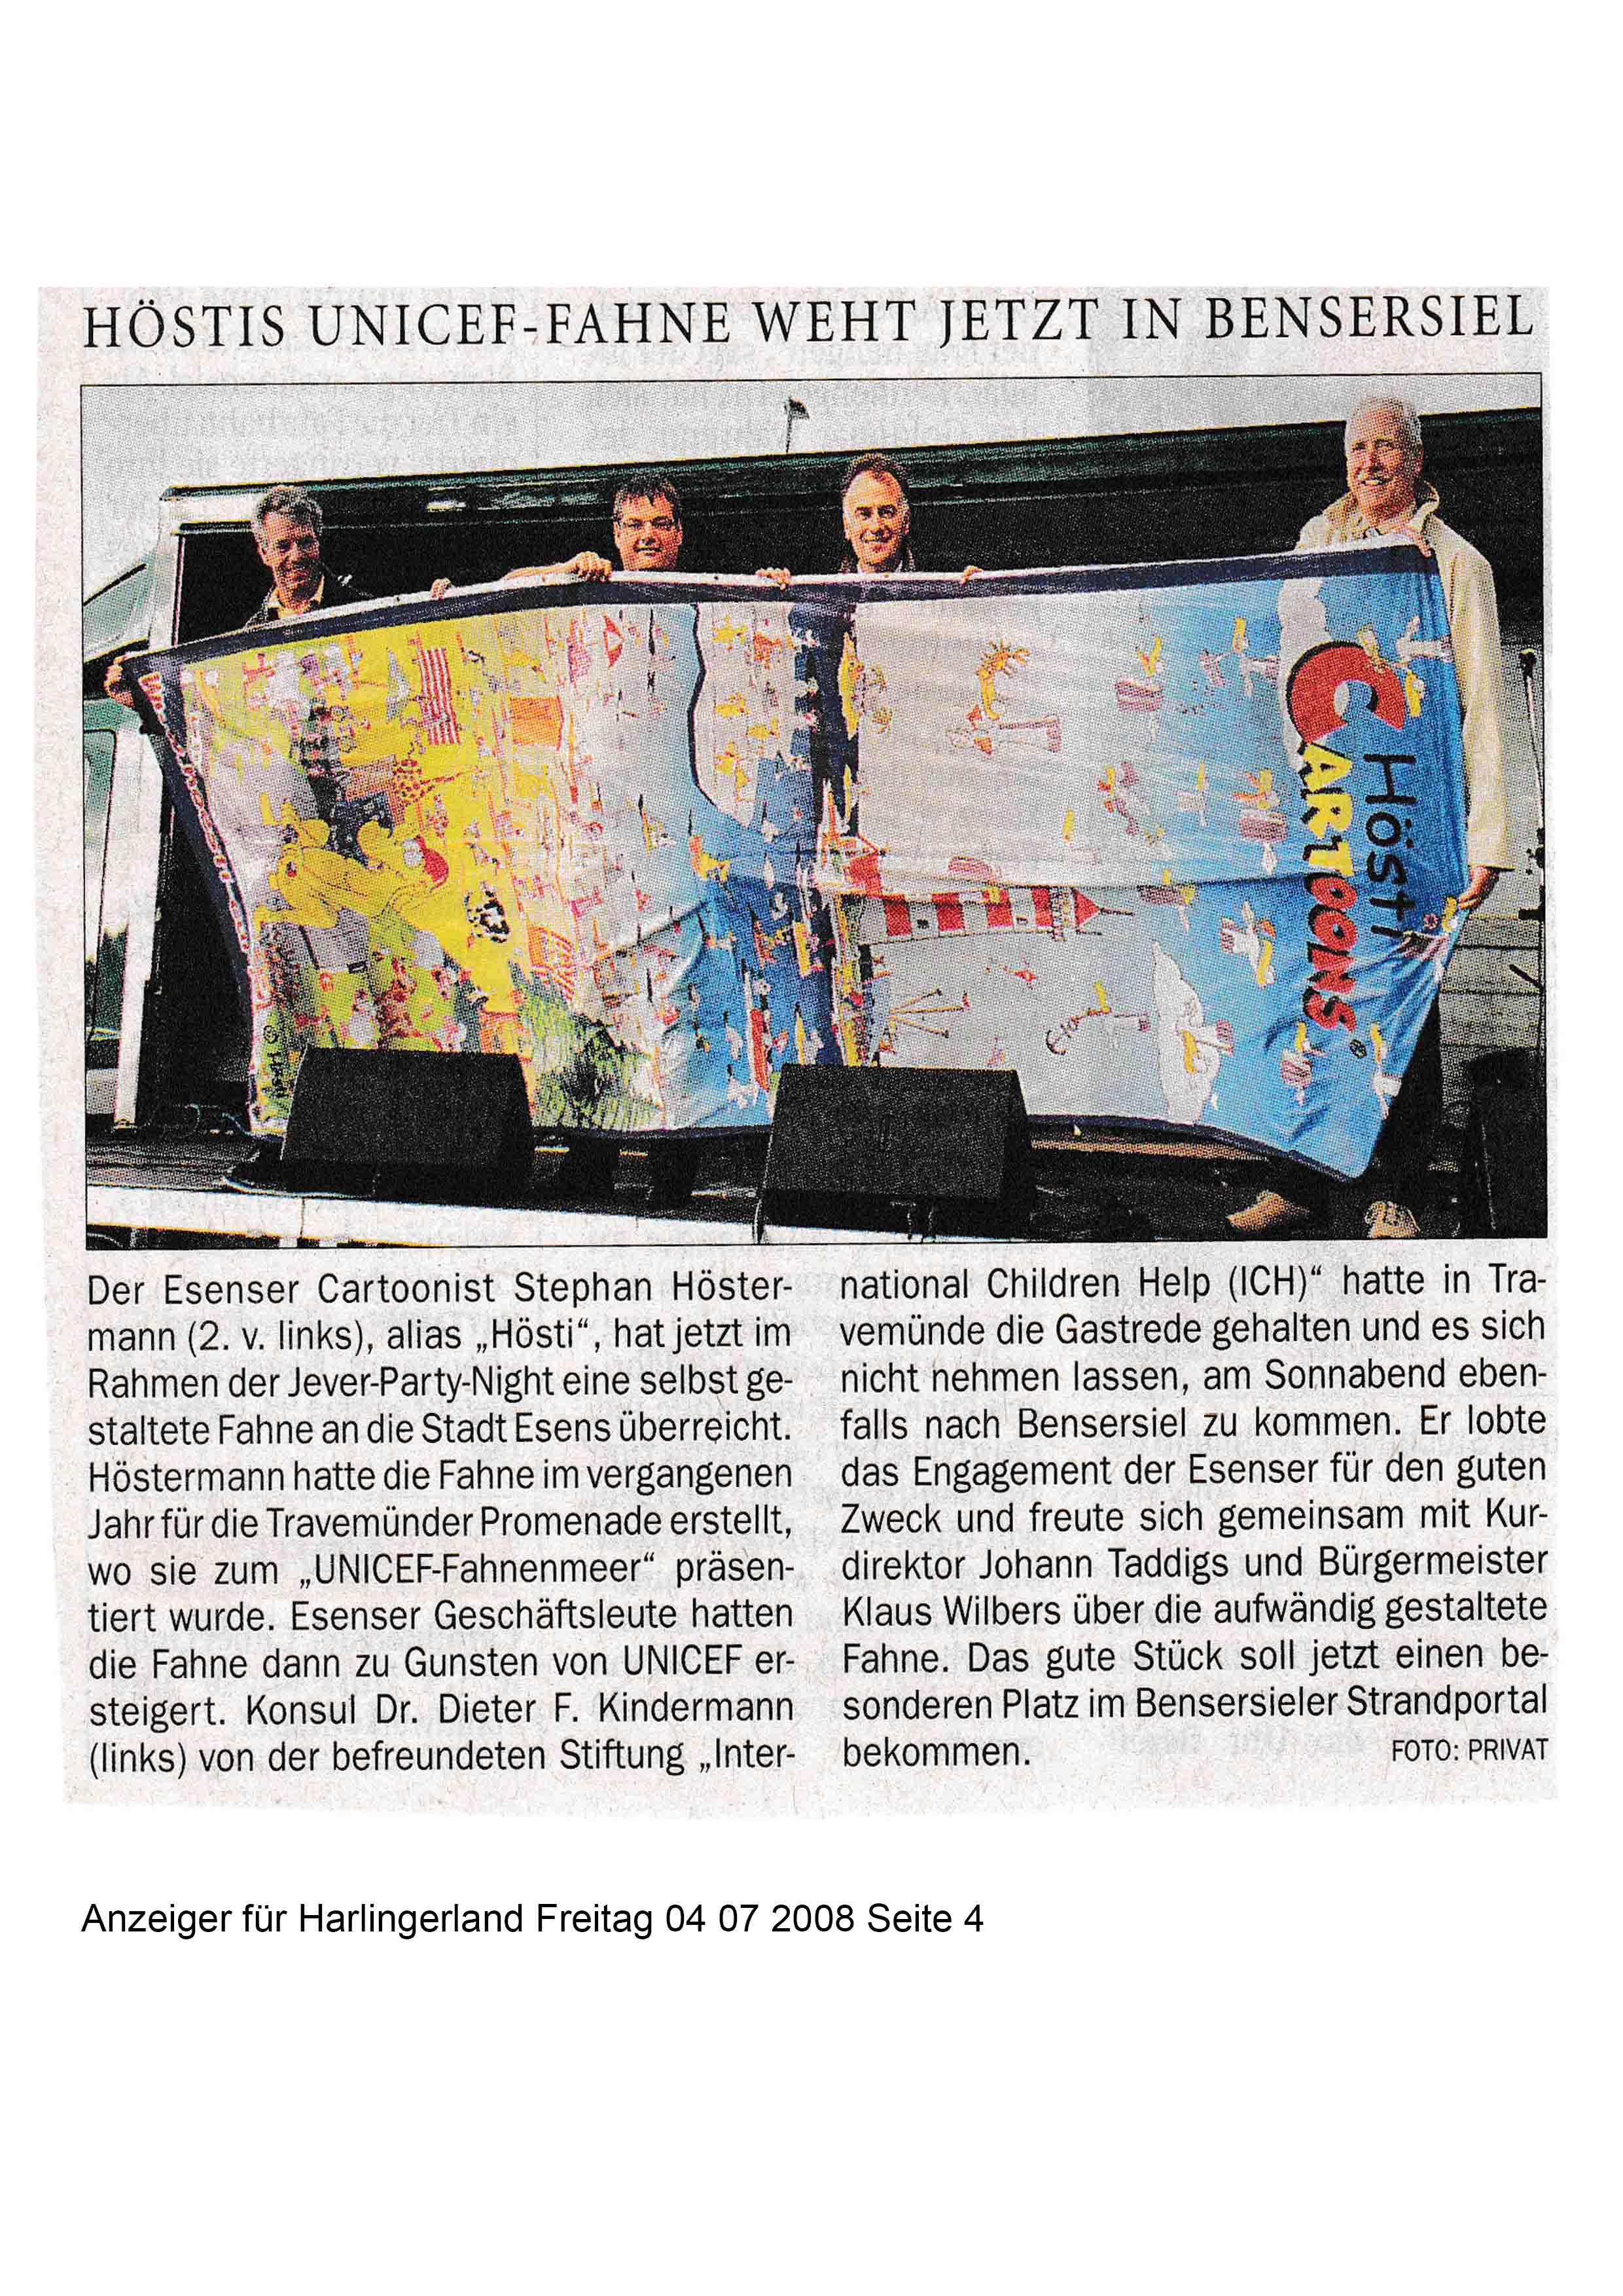 Anzeiger für Harlingerland Freitag 04 07 2008 Seite 4